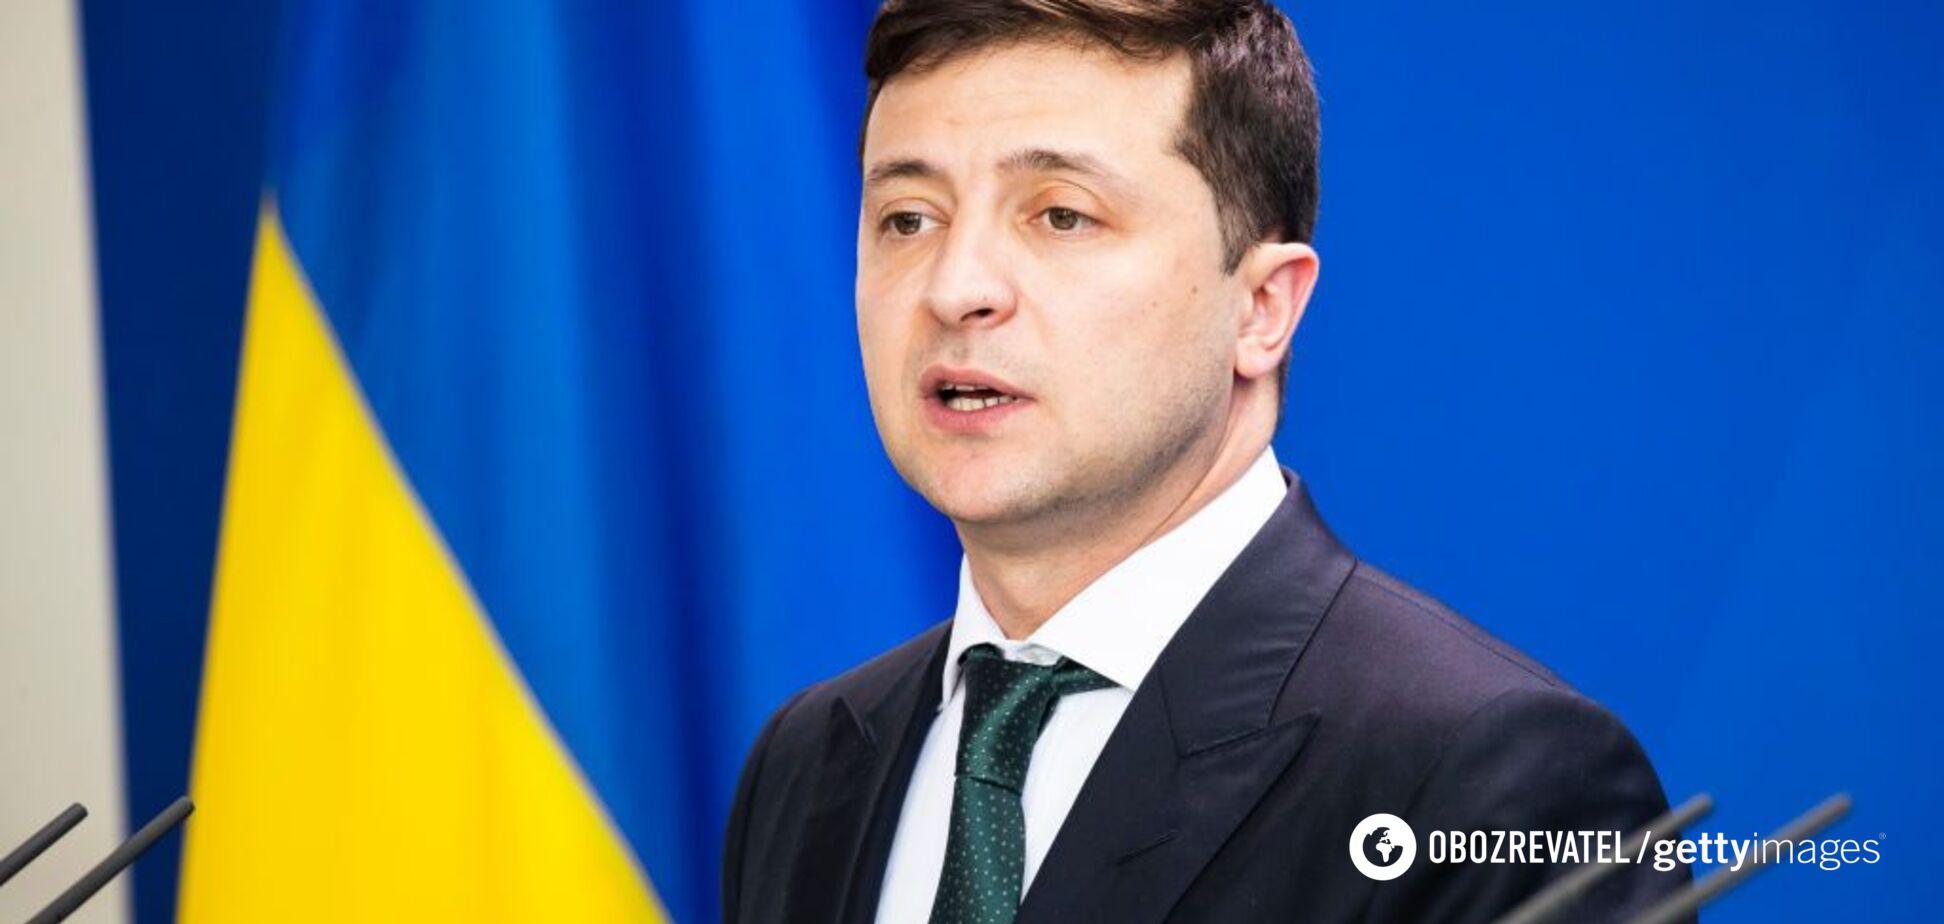 Почему экономические успехи Украины выше российских?